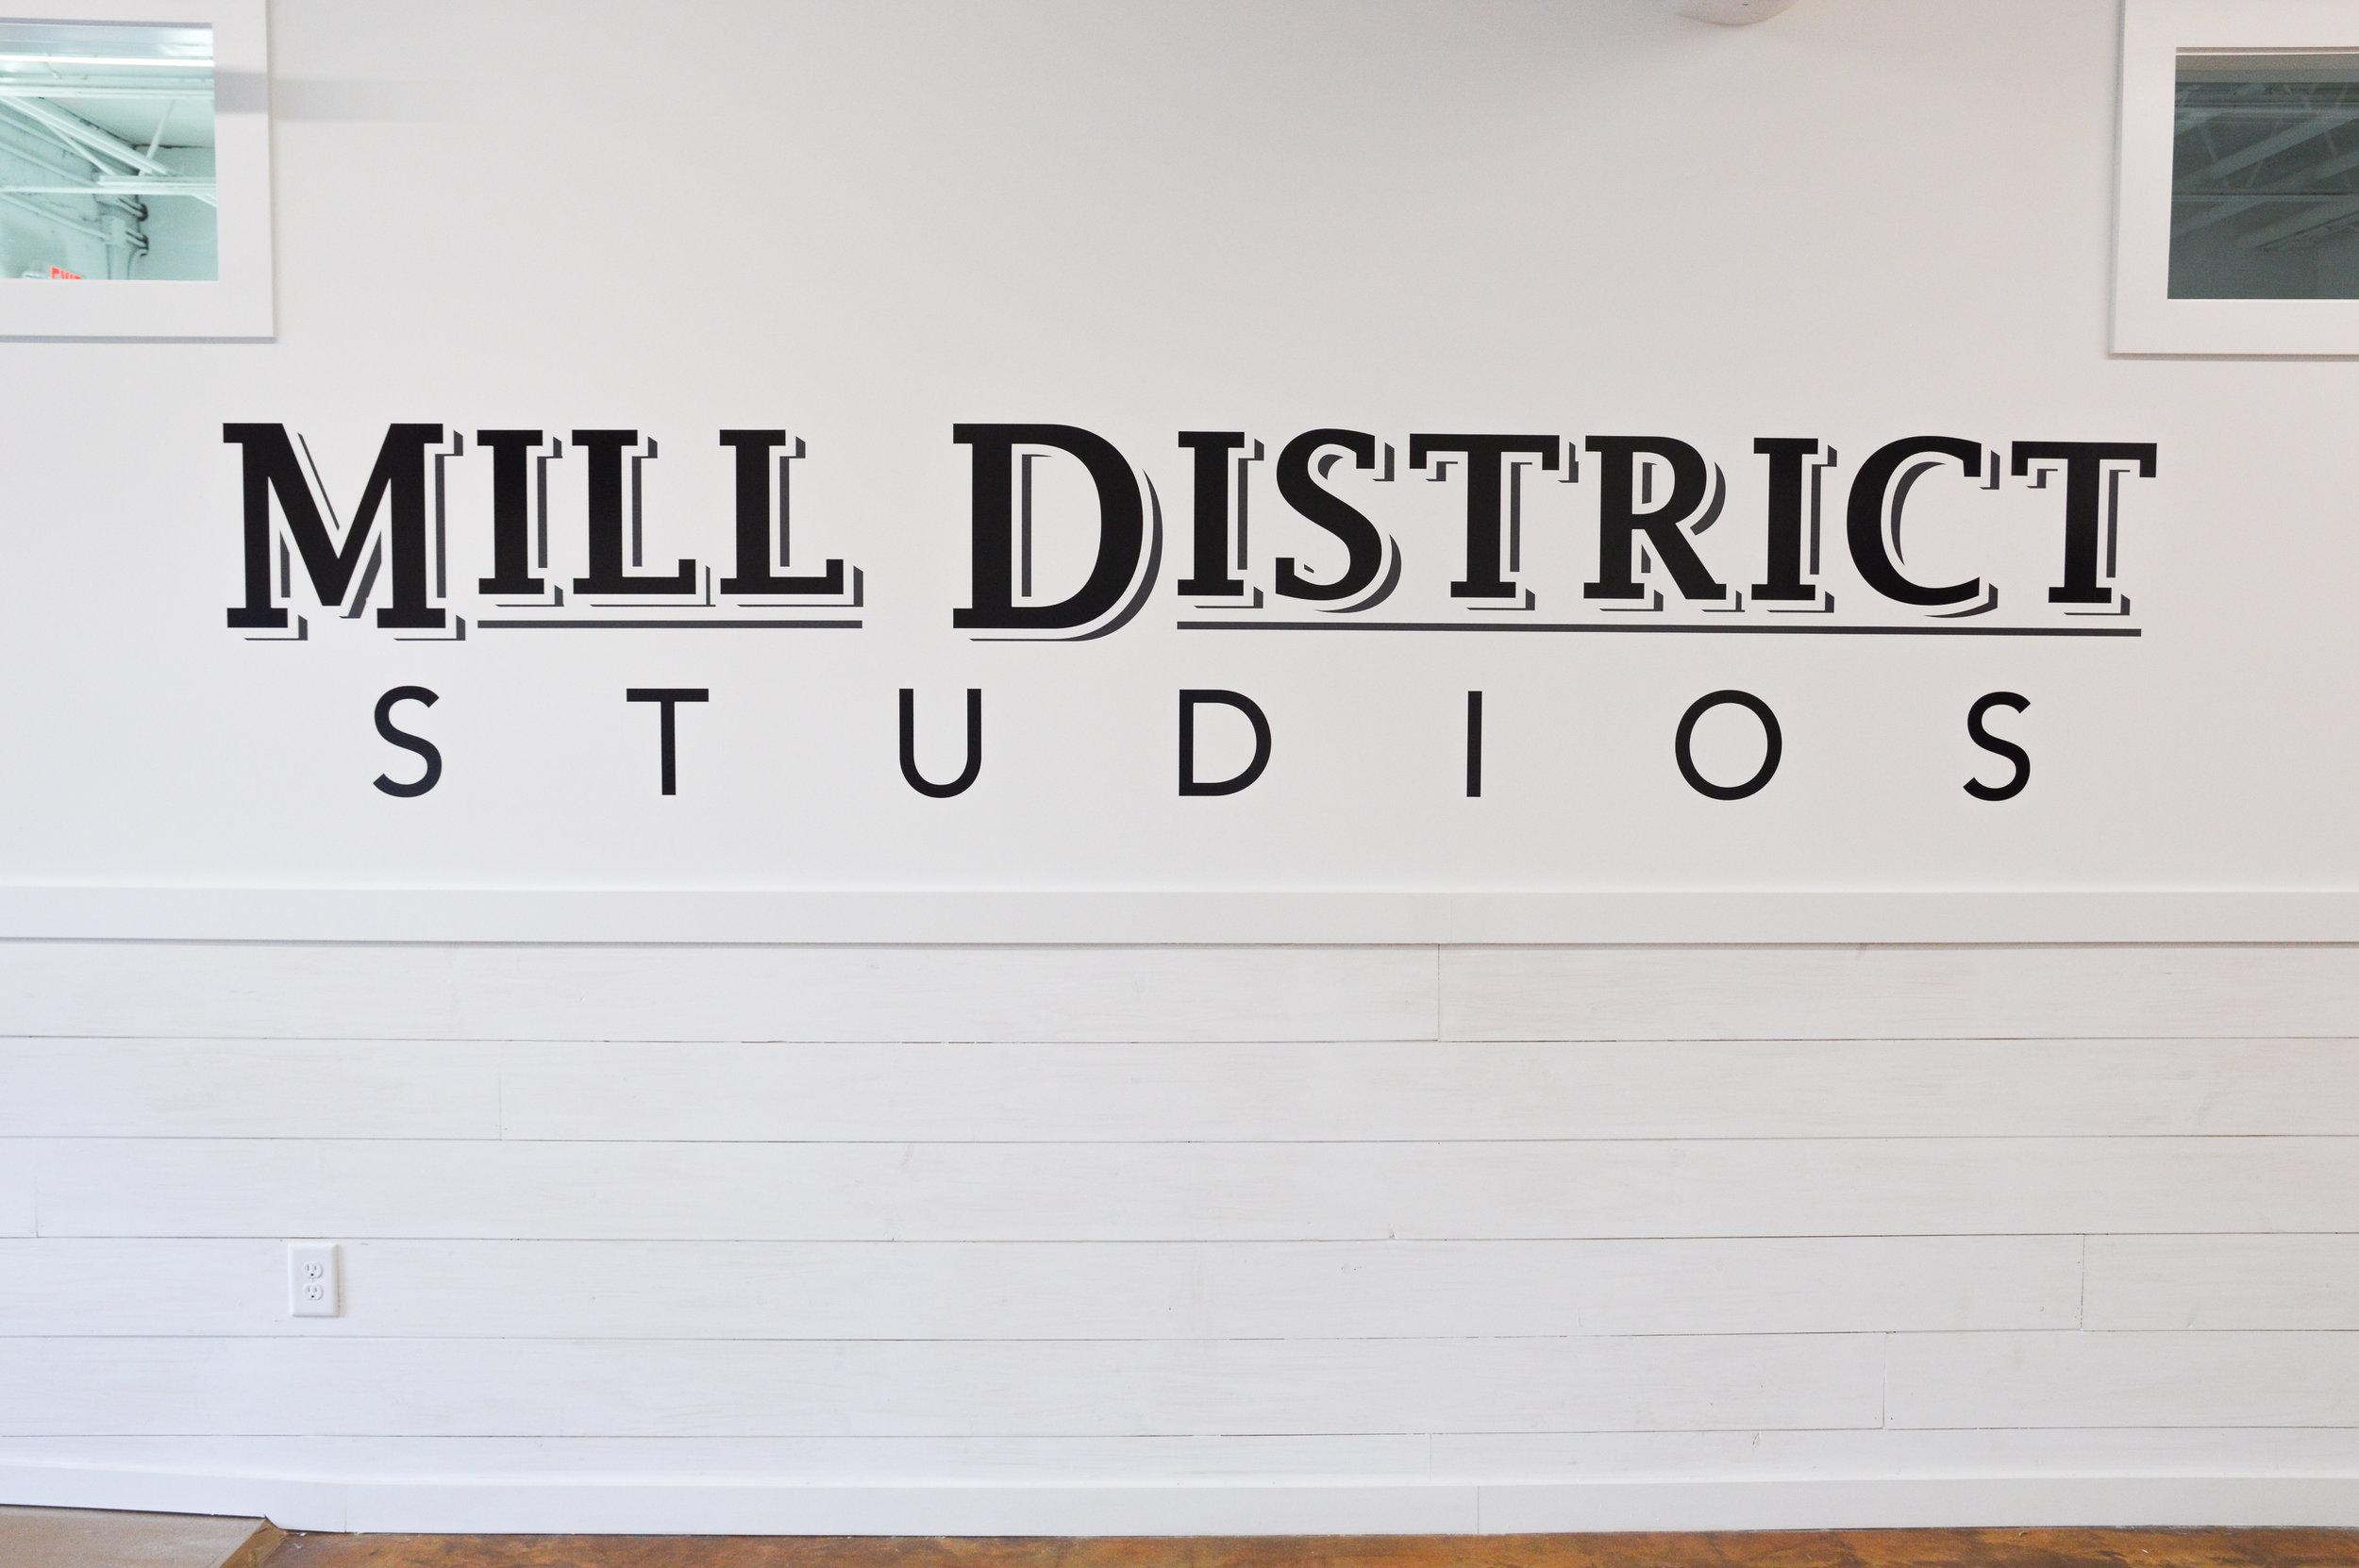 Visit - schedule a studio tour